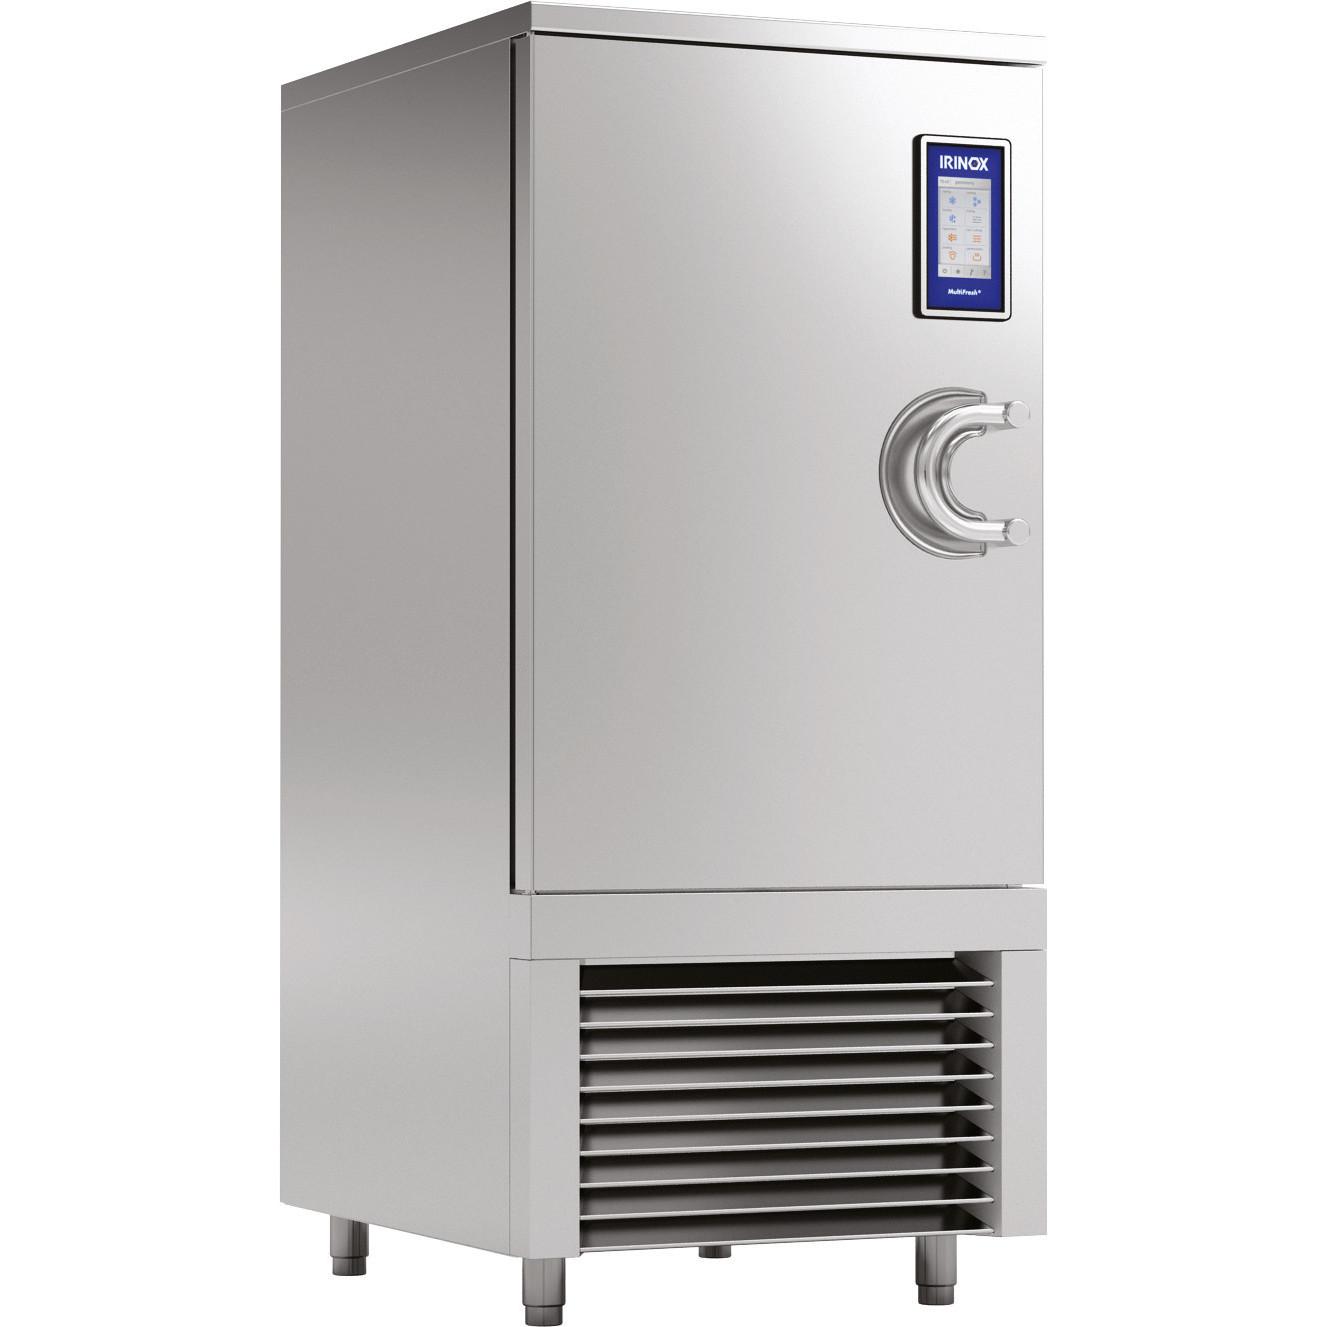 Schnellkühler / Schockfroster 26 x GN 1/1 65 mm / Leistung 85,00 kg + Warmfunktion